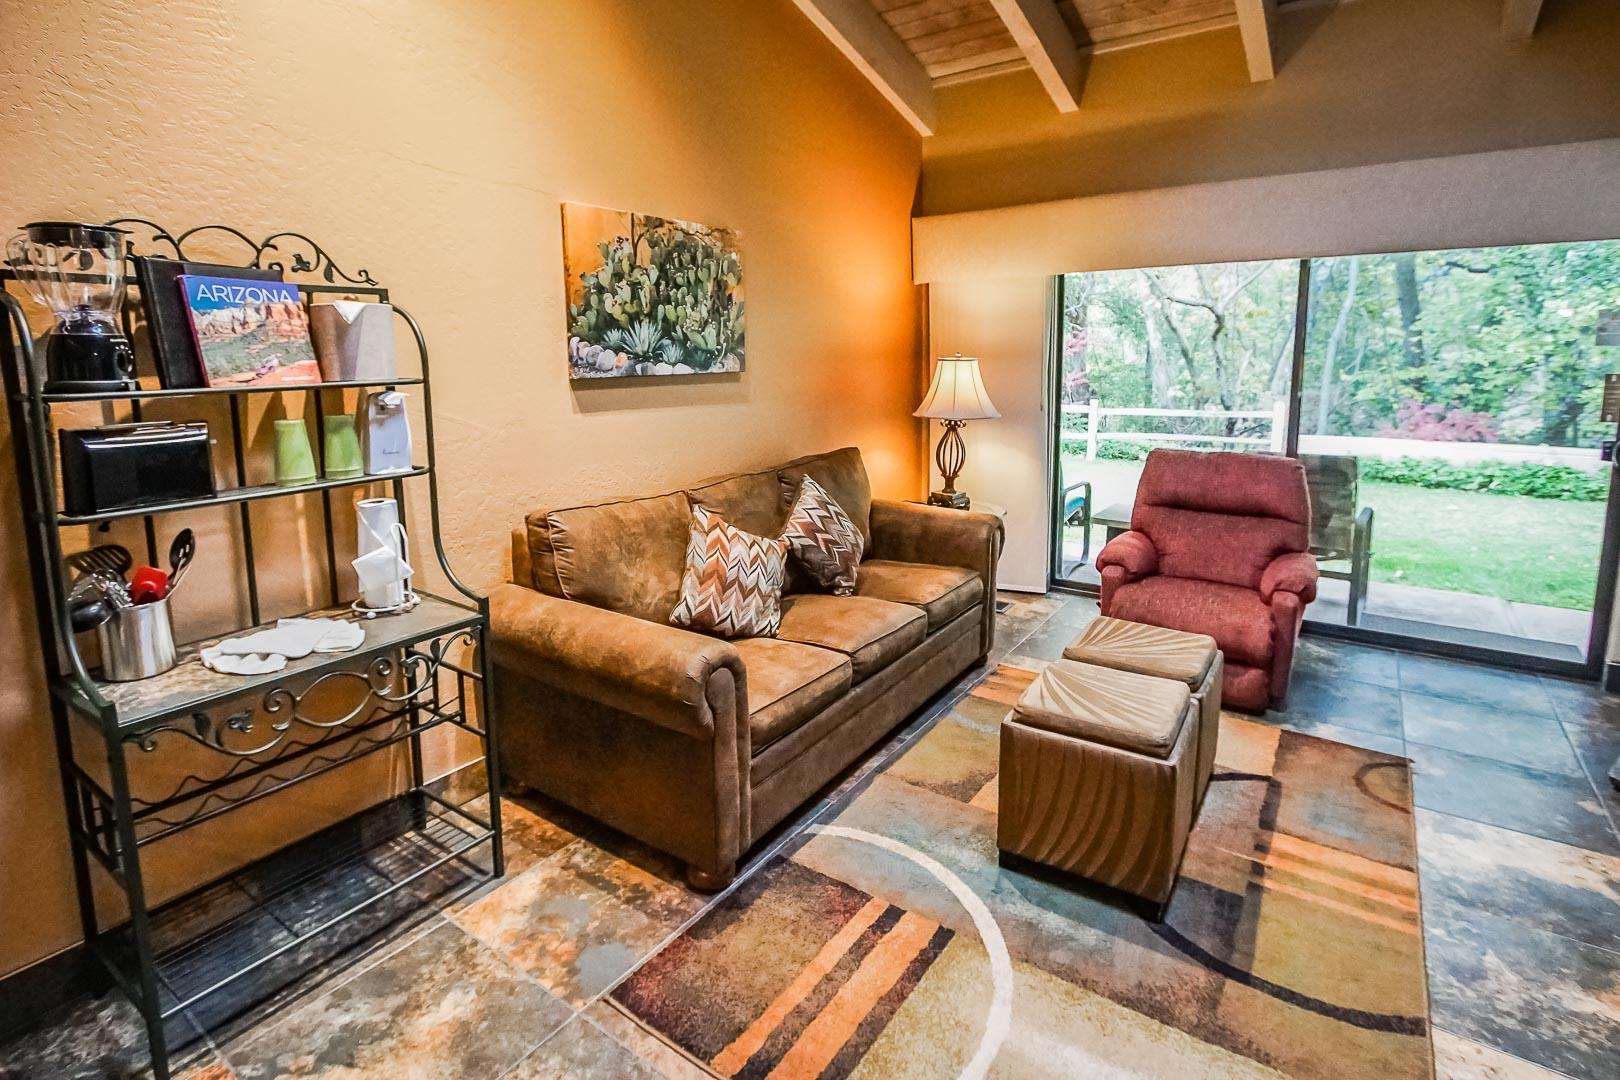 A spacious living room area at VRI's Villas at Poco Diablo in Sedona, Arizona.